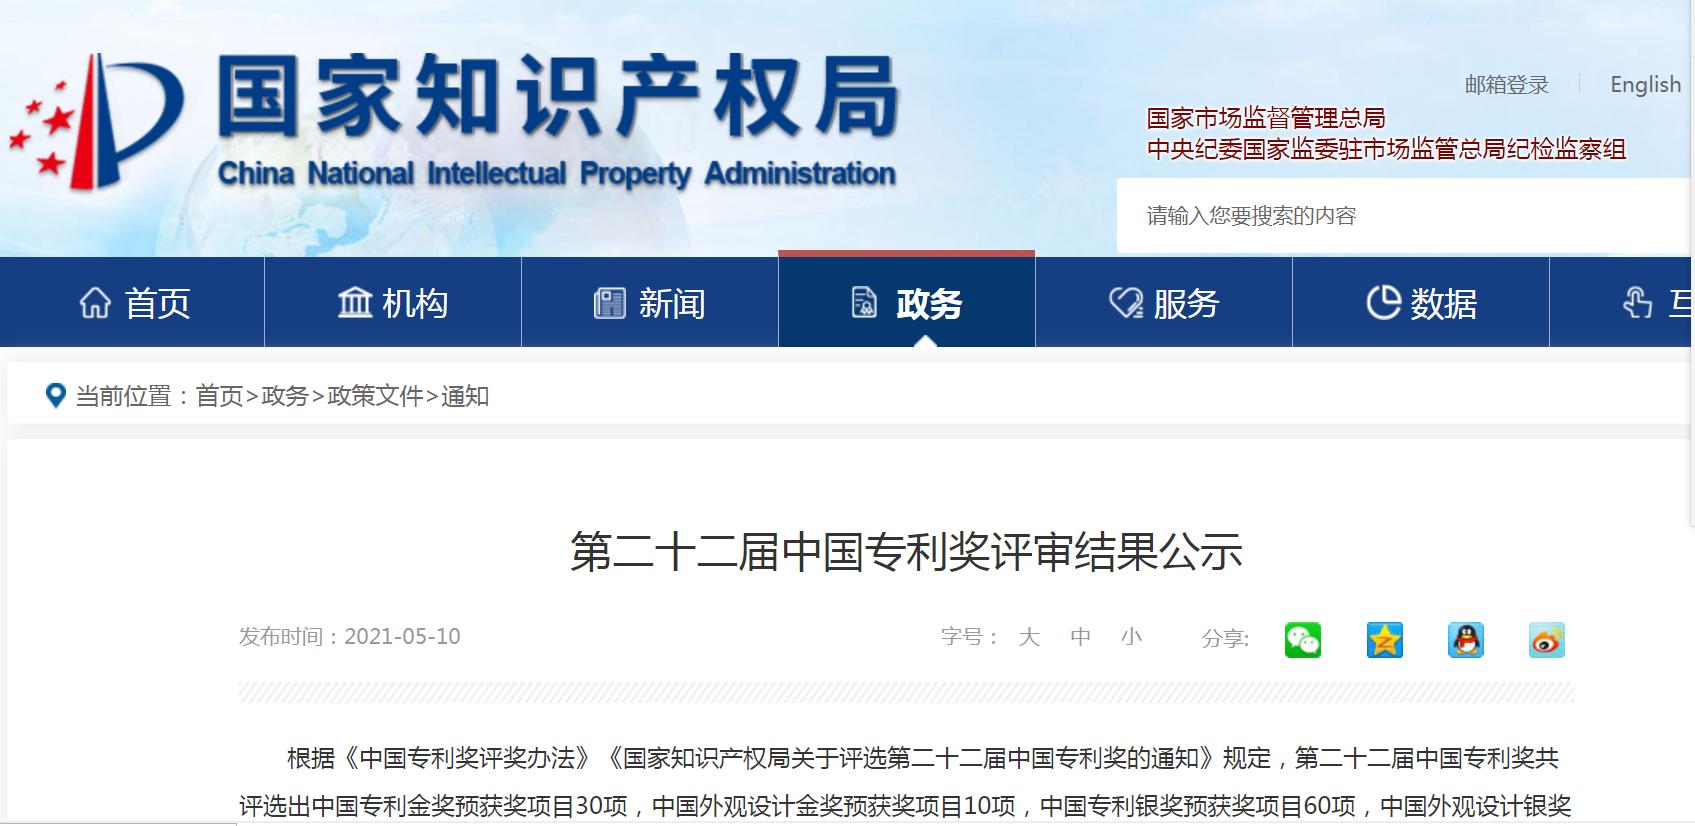 第二十二届中国专利奖评选结果公示 电促会知识产权分会推荐专利预获优秀奖两项(图文)